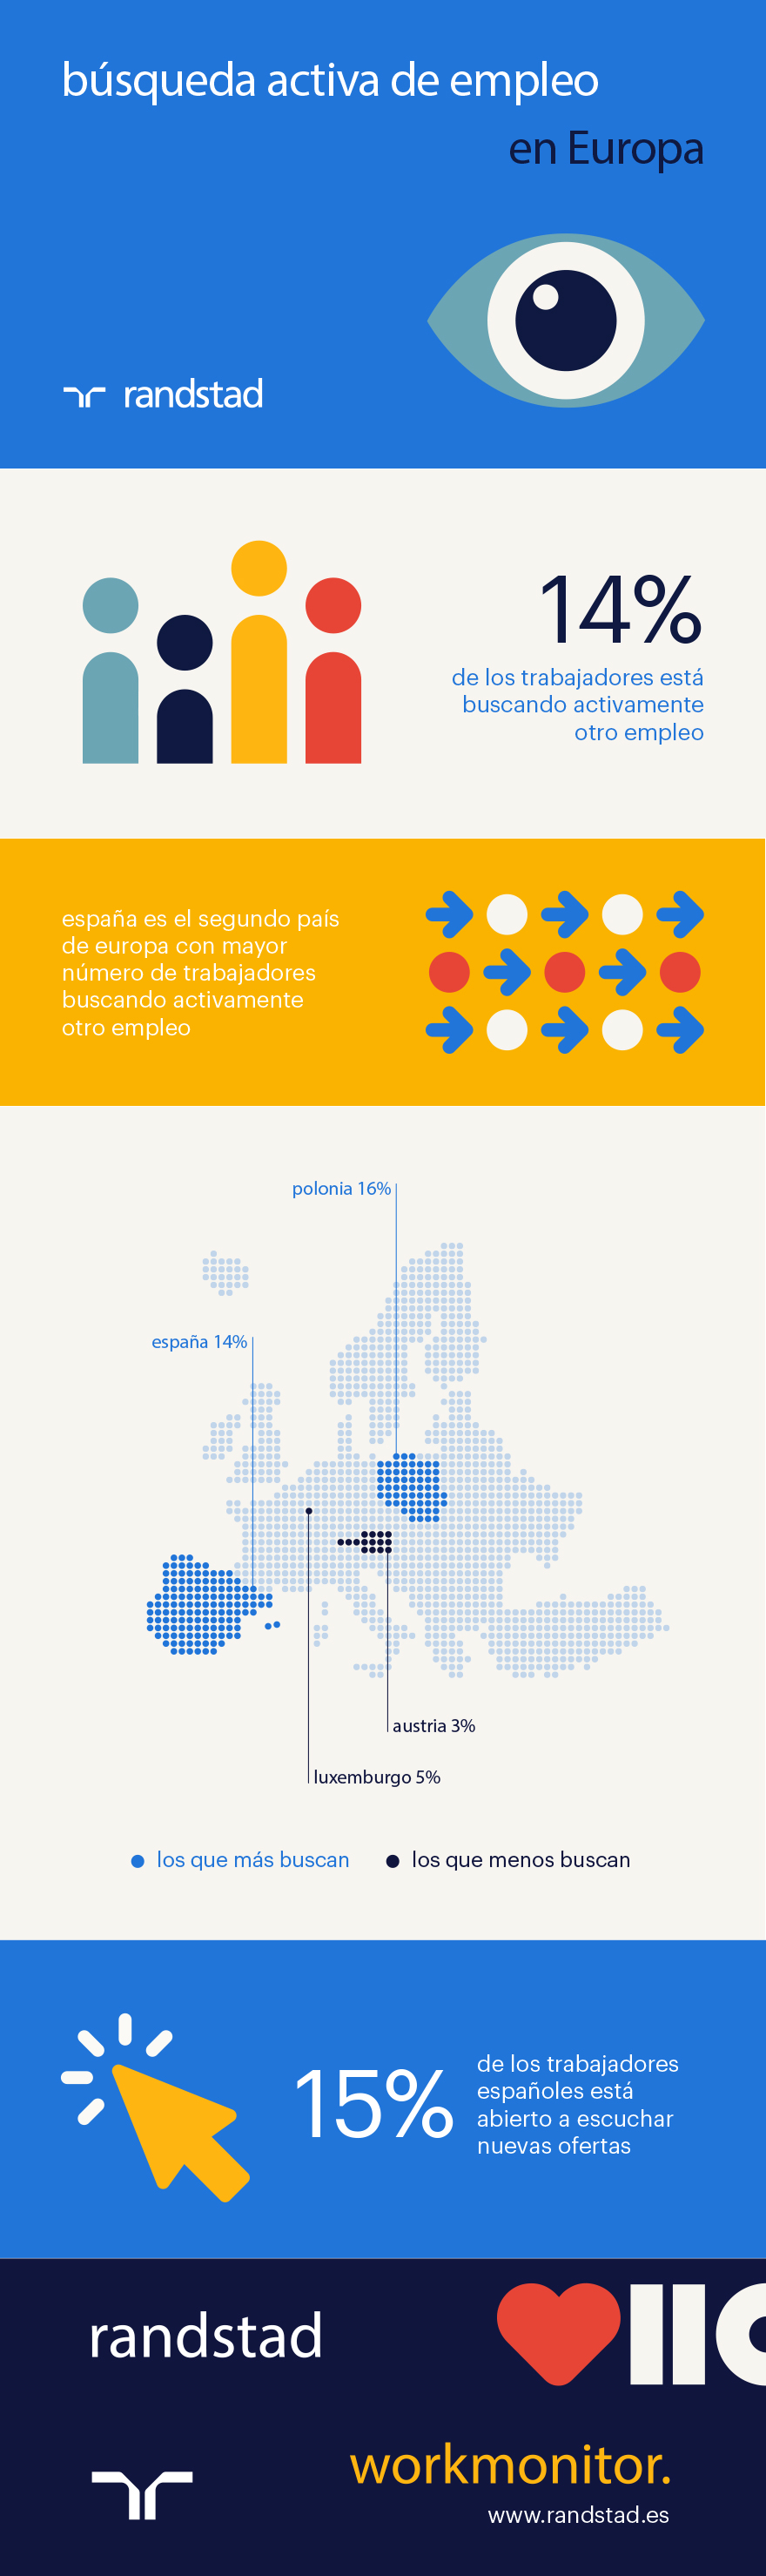 Búsqueda activa de empleo en Europa